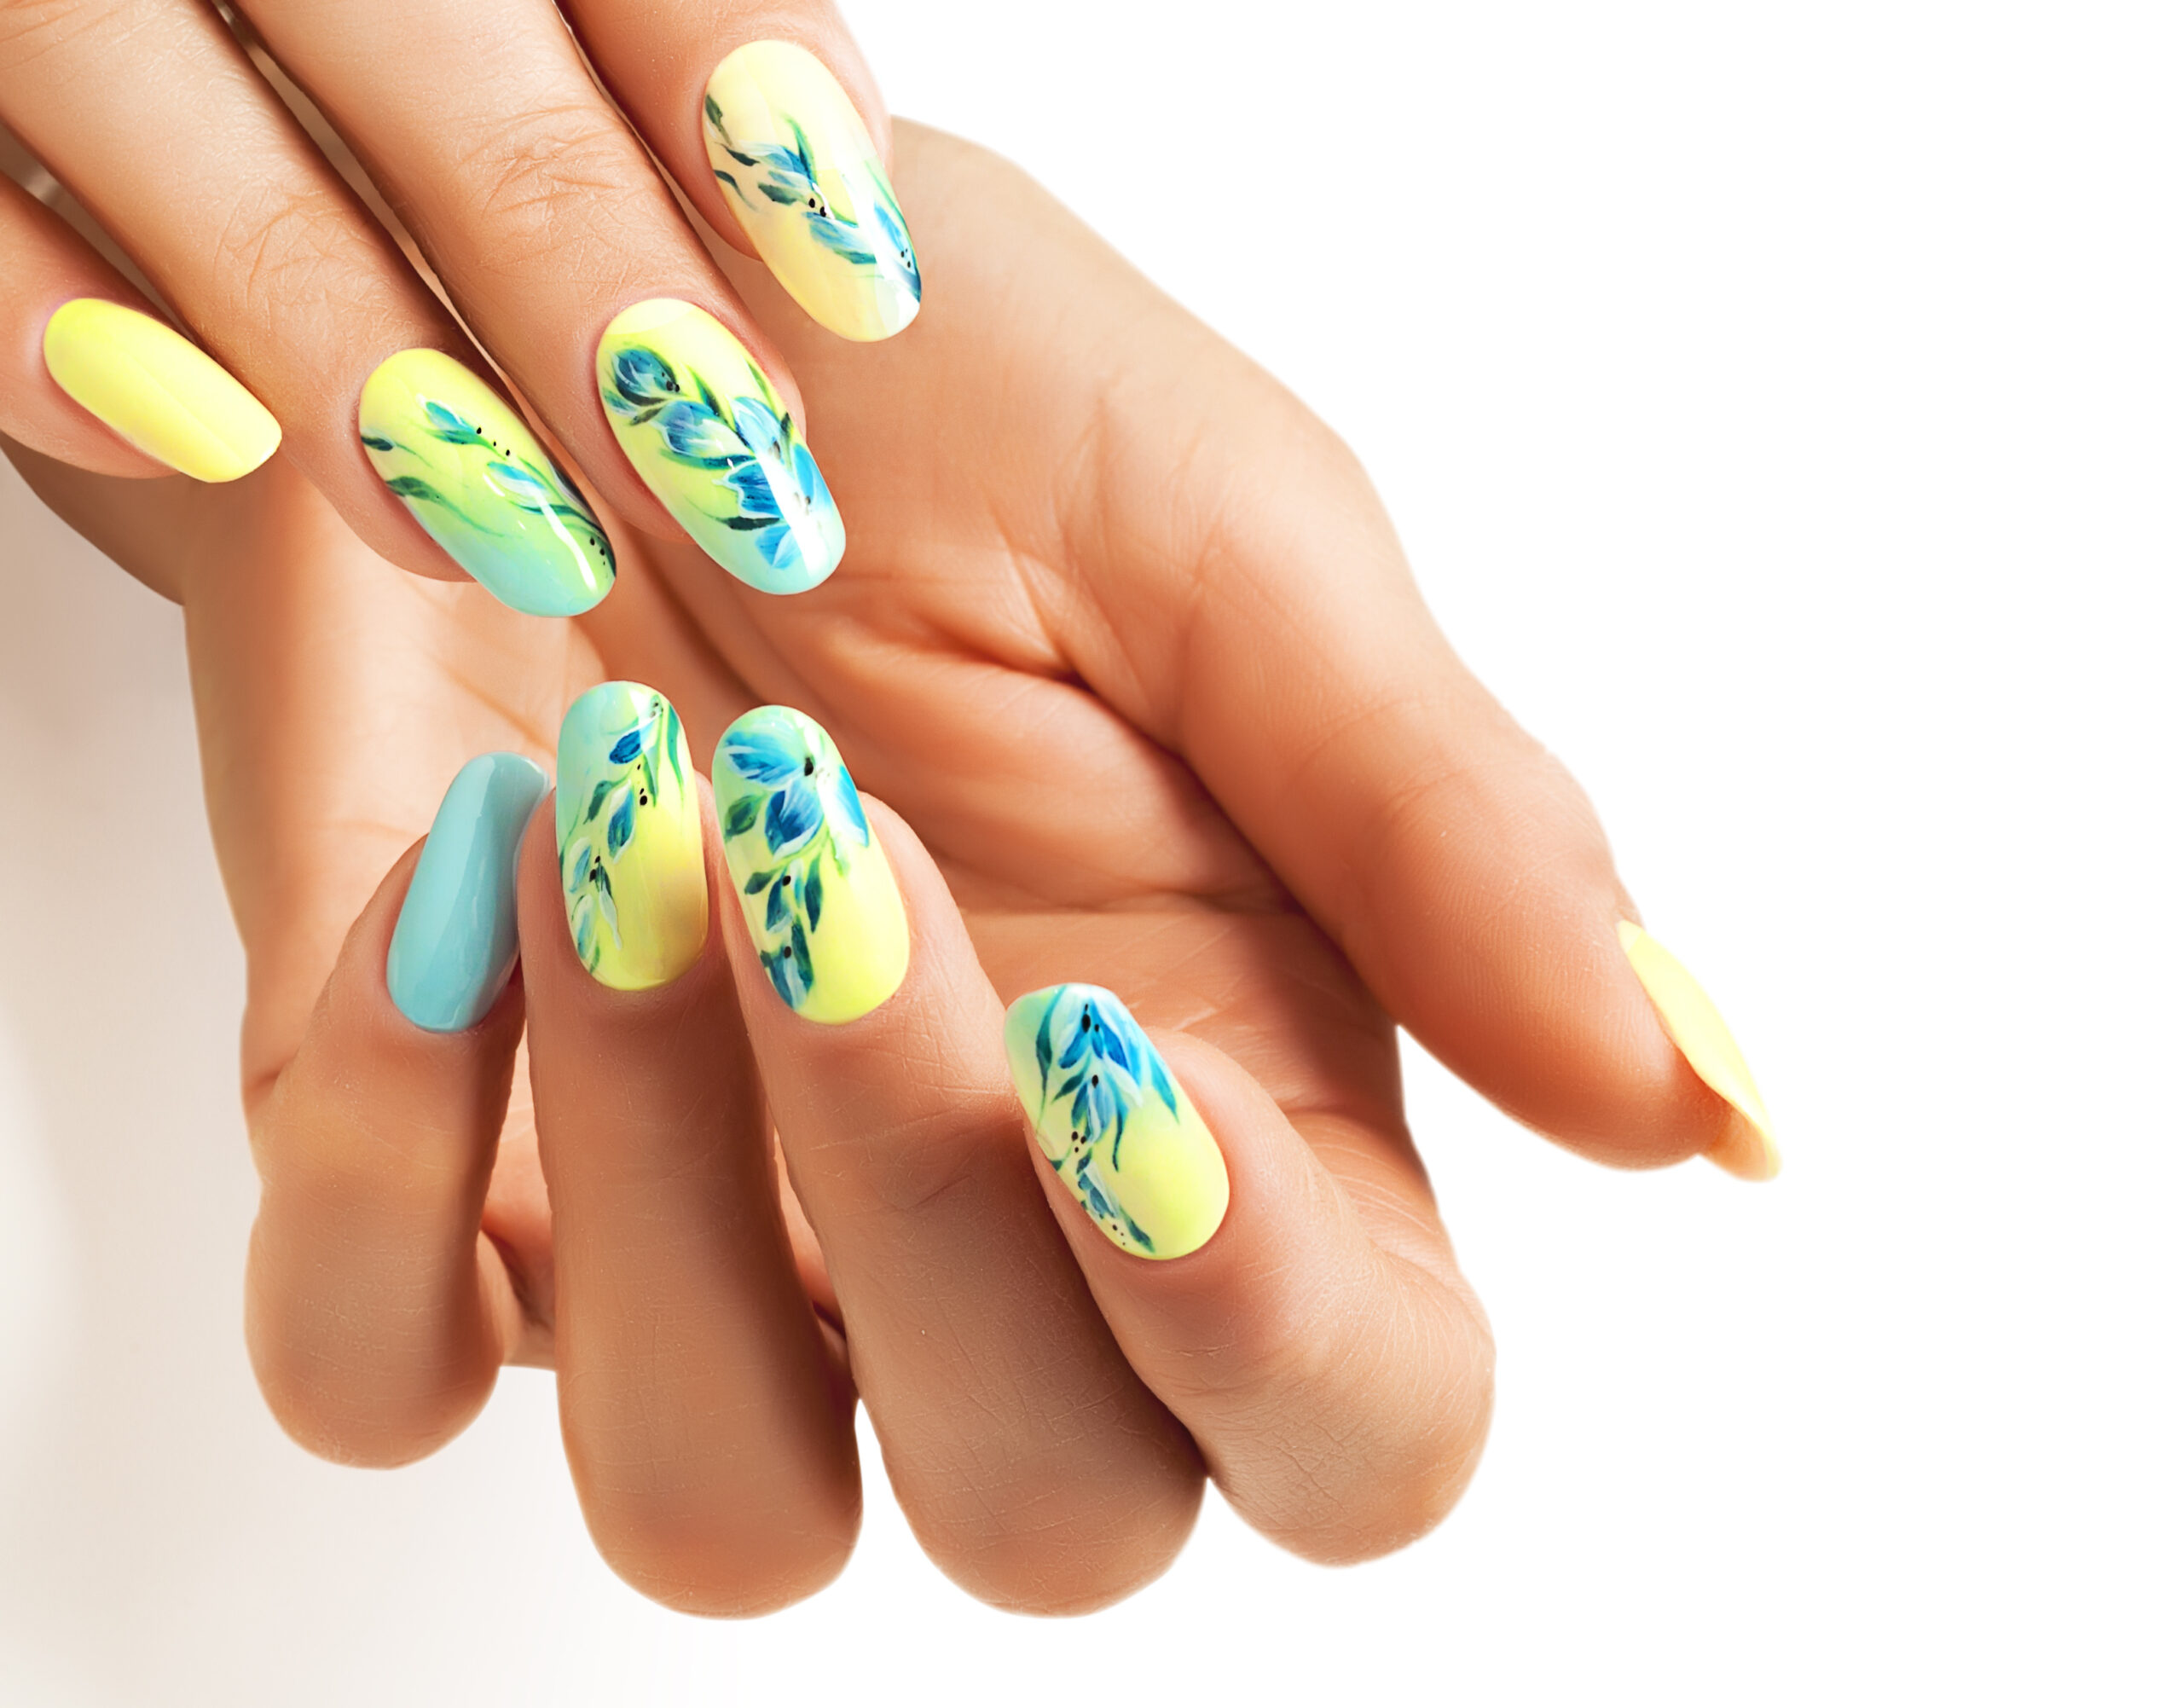 żółte paznokcie ślubne w kwiatowy wzór